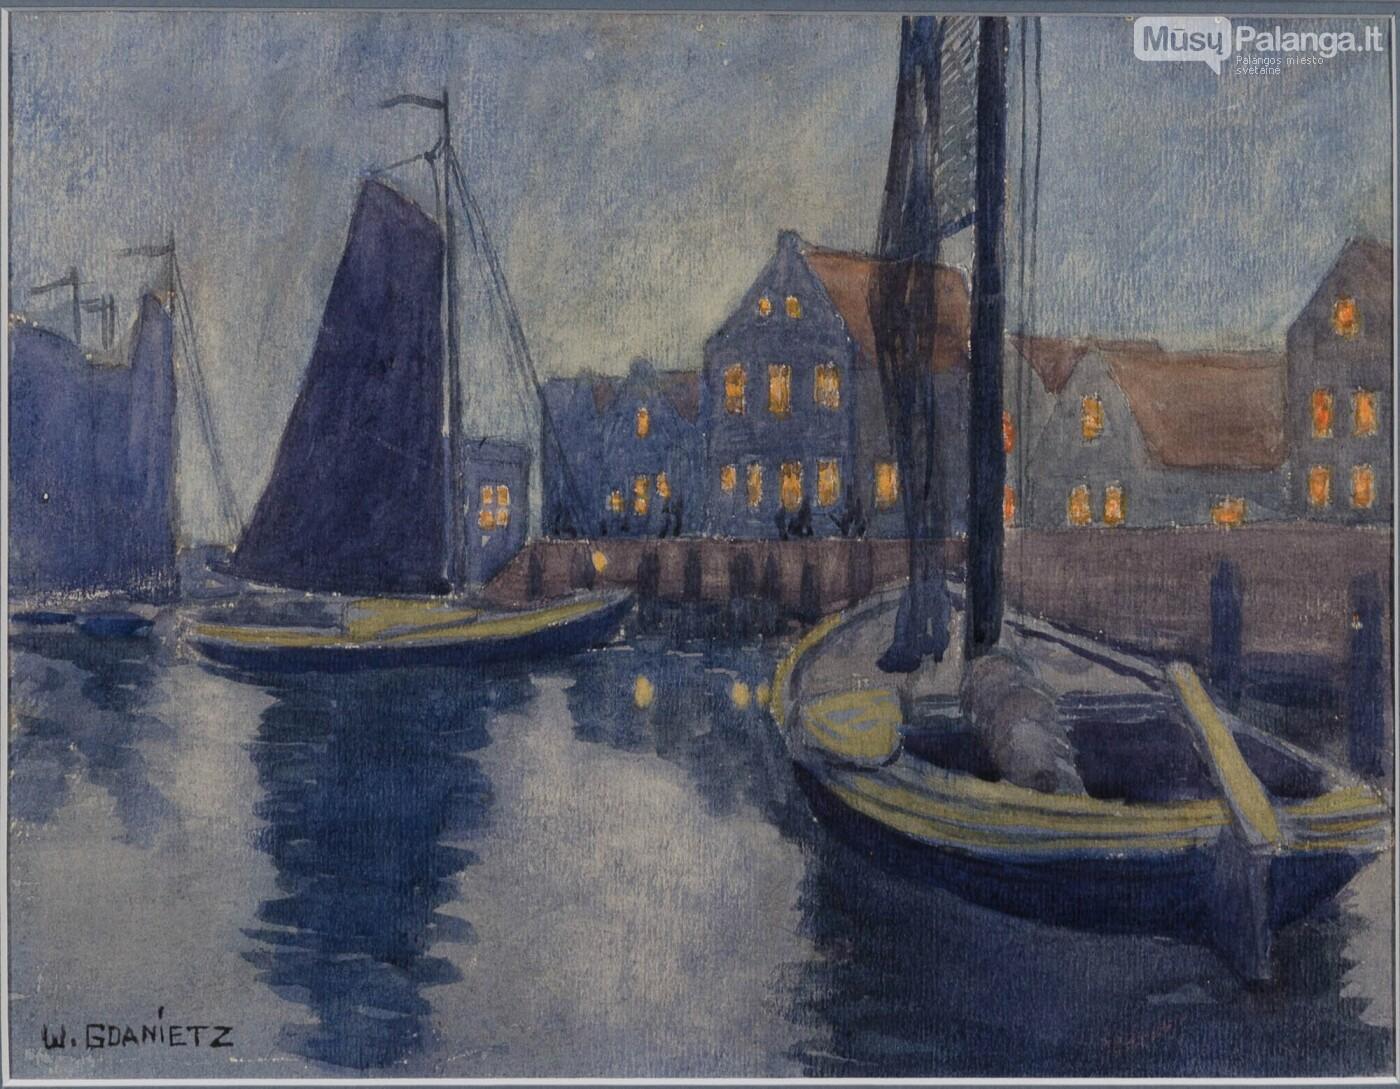 Wilhelmas Gdanietzas-Kurenai uoste (~1937), Vilniaus aukciono namų nuotr.